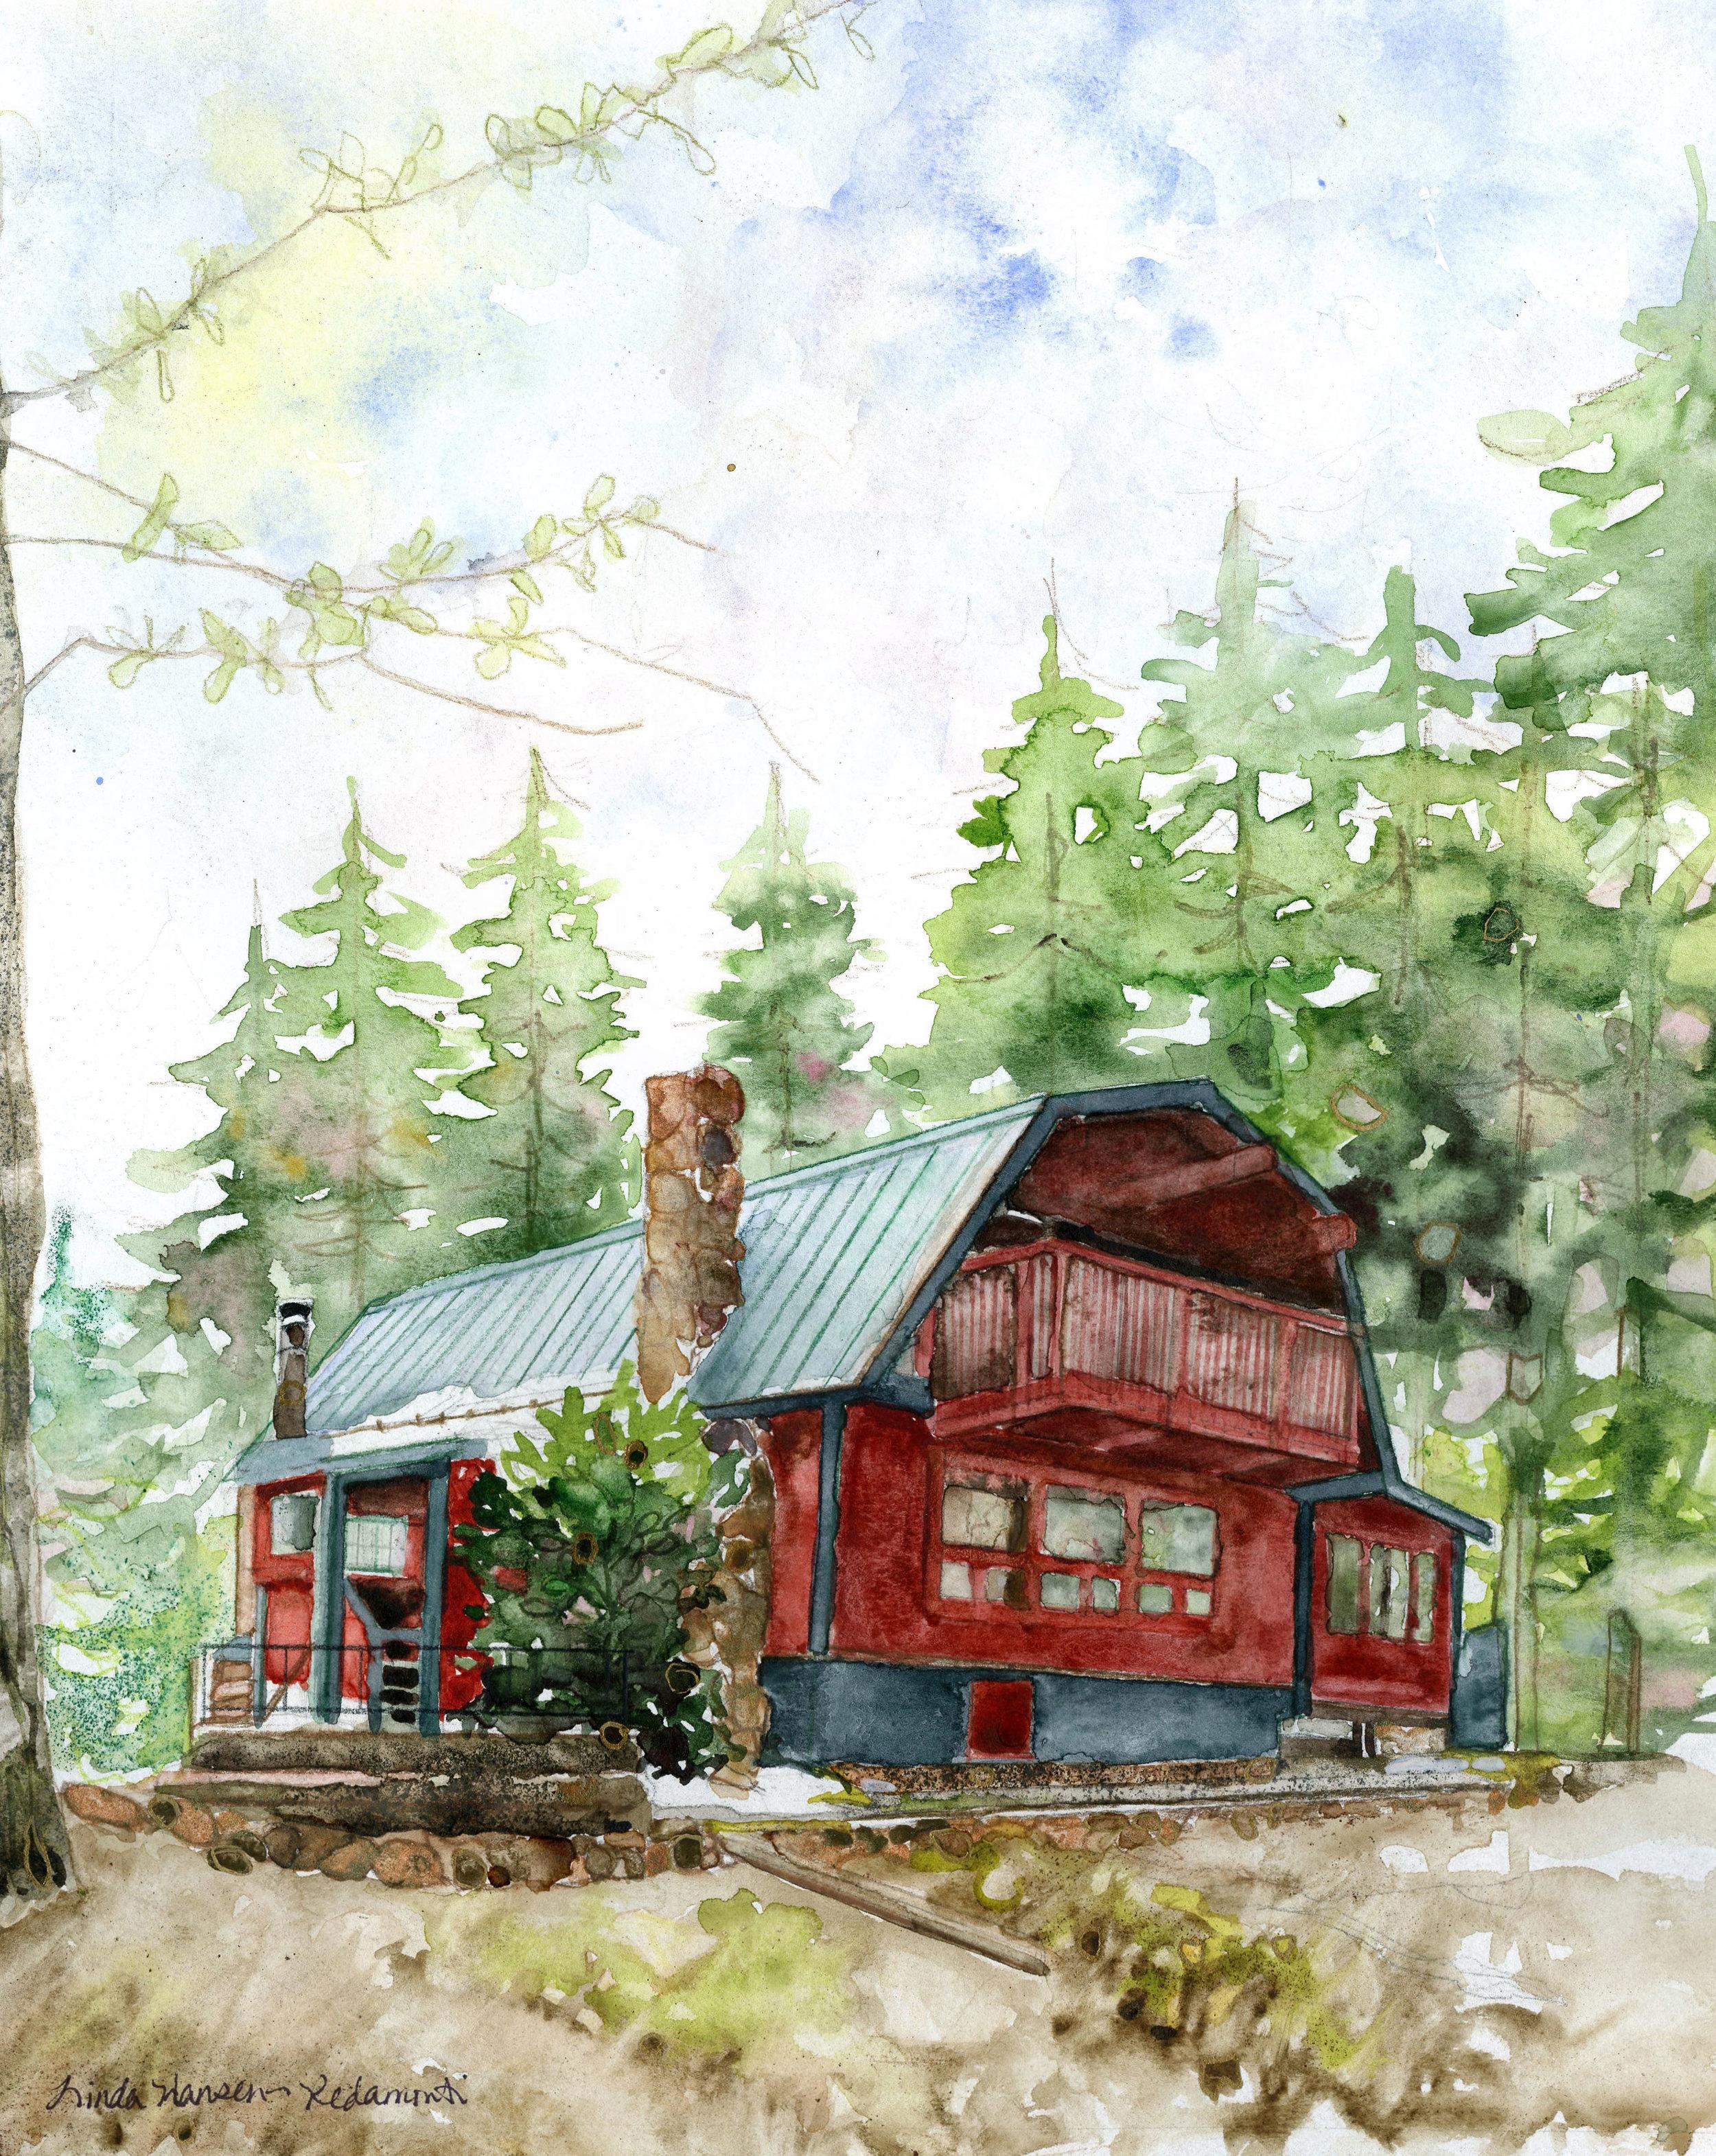 Watercolor, 2019